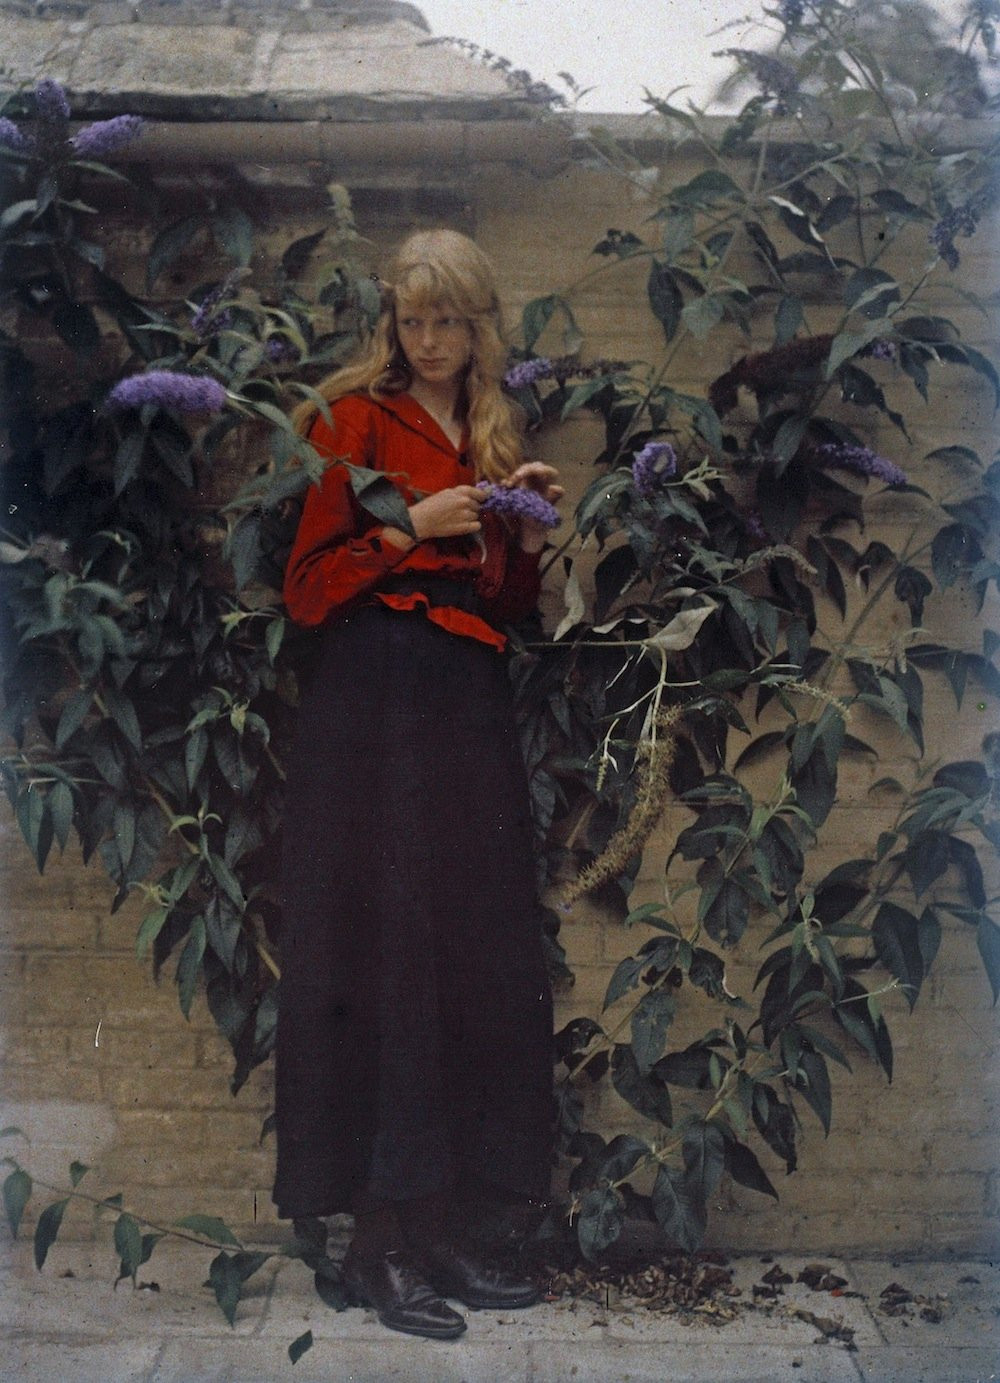 Mervyn O'Gorman-AutoChrome-Portraits 449